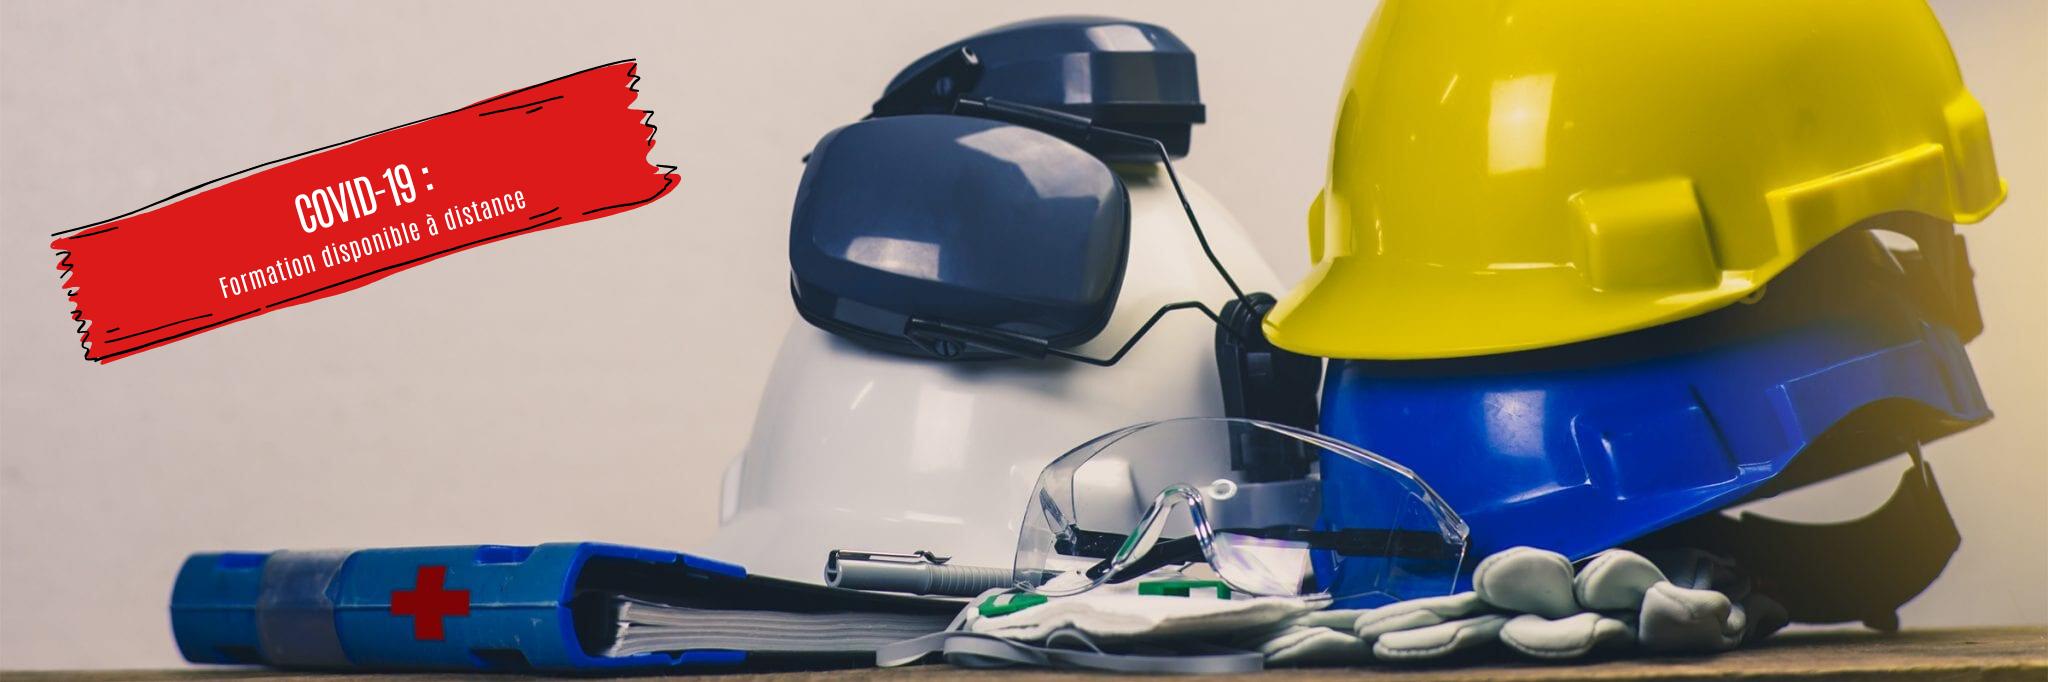 Matériel et équipement de protection et de sécurité